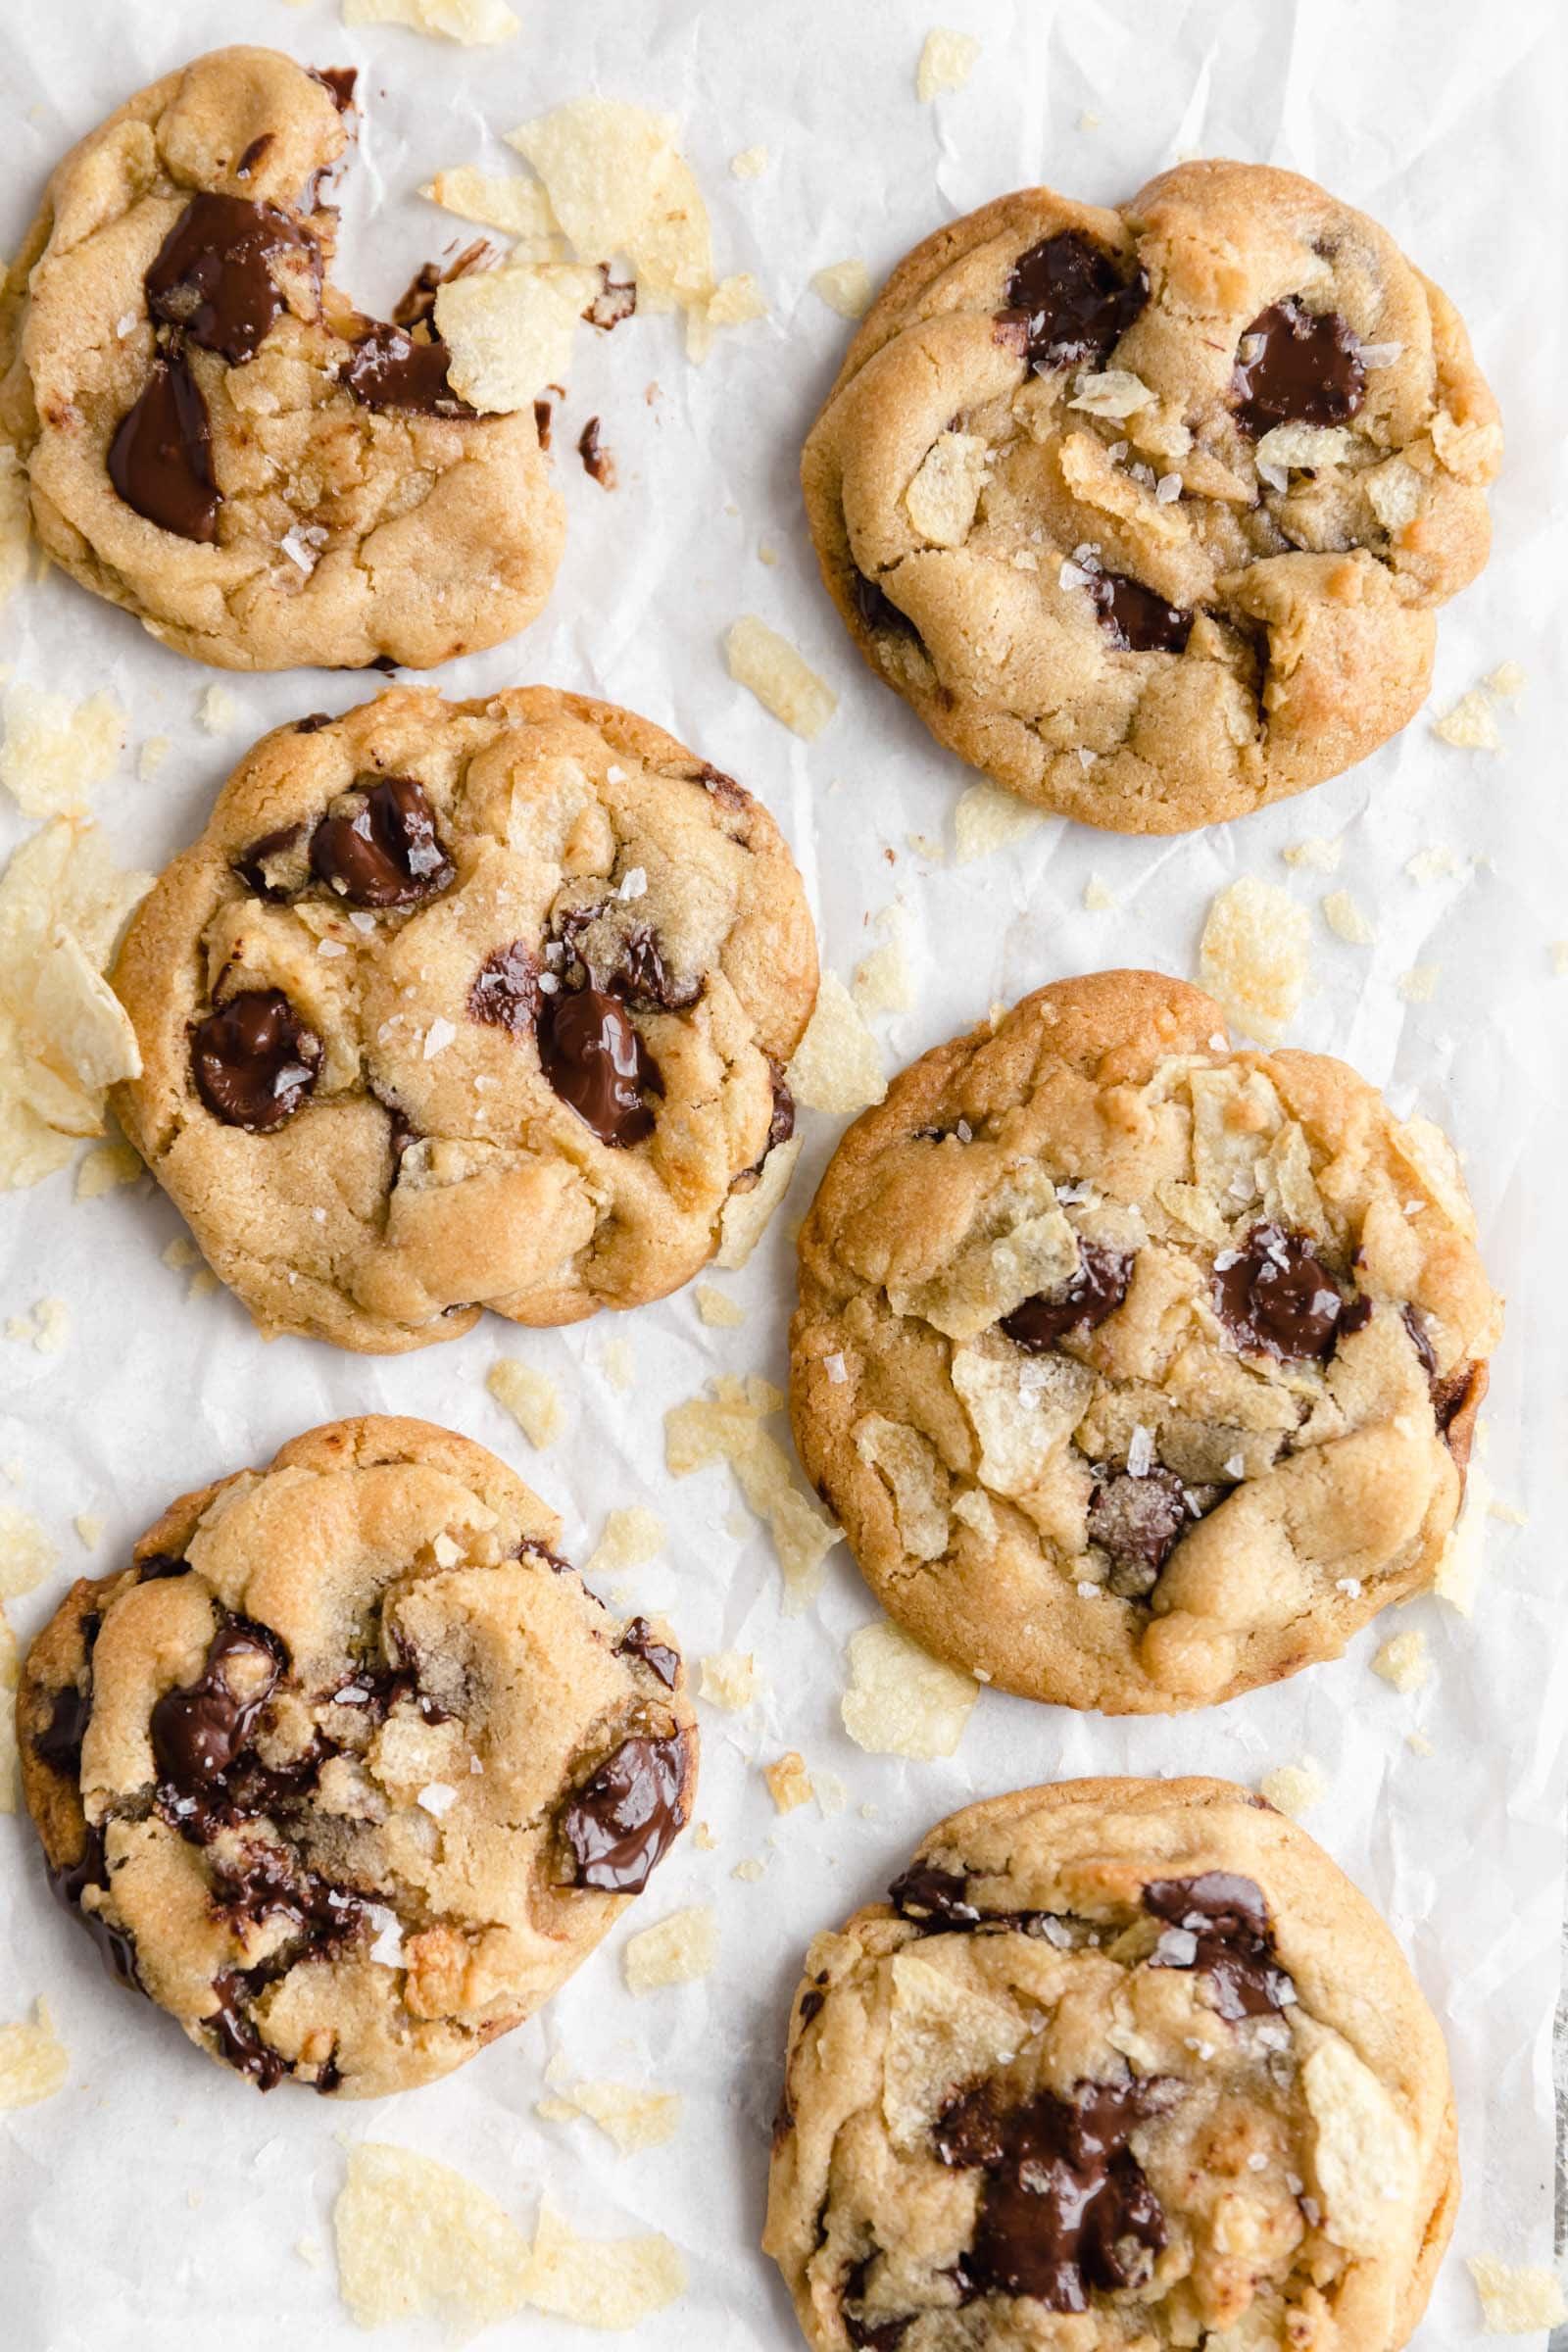 biscuits aux brisures de chocolat et aux pommes de terre sur papier parchemin